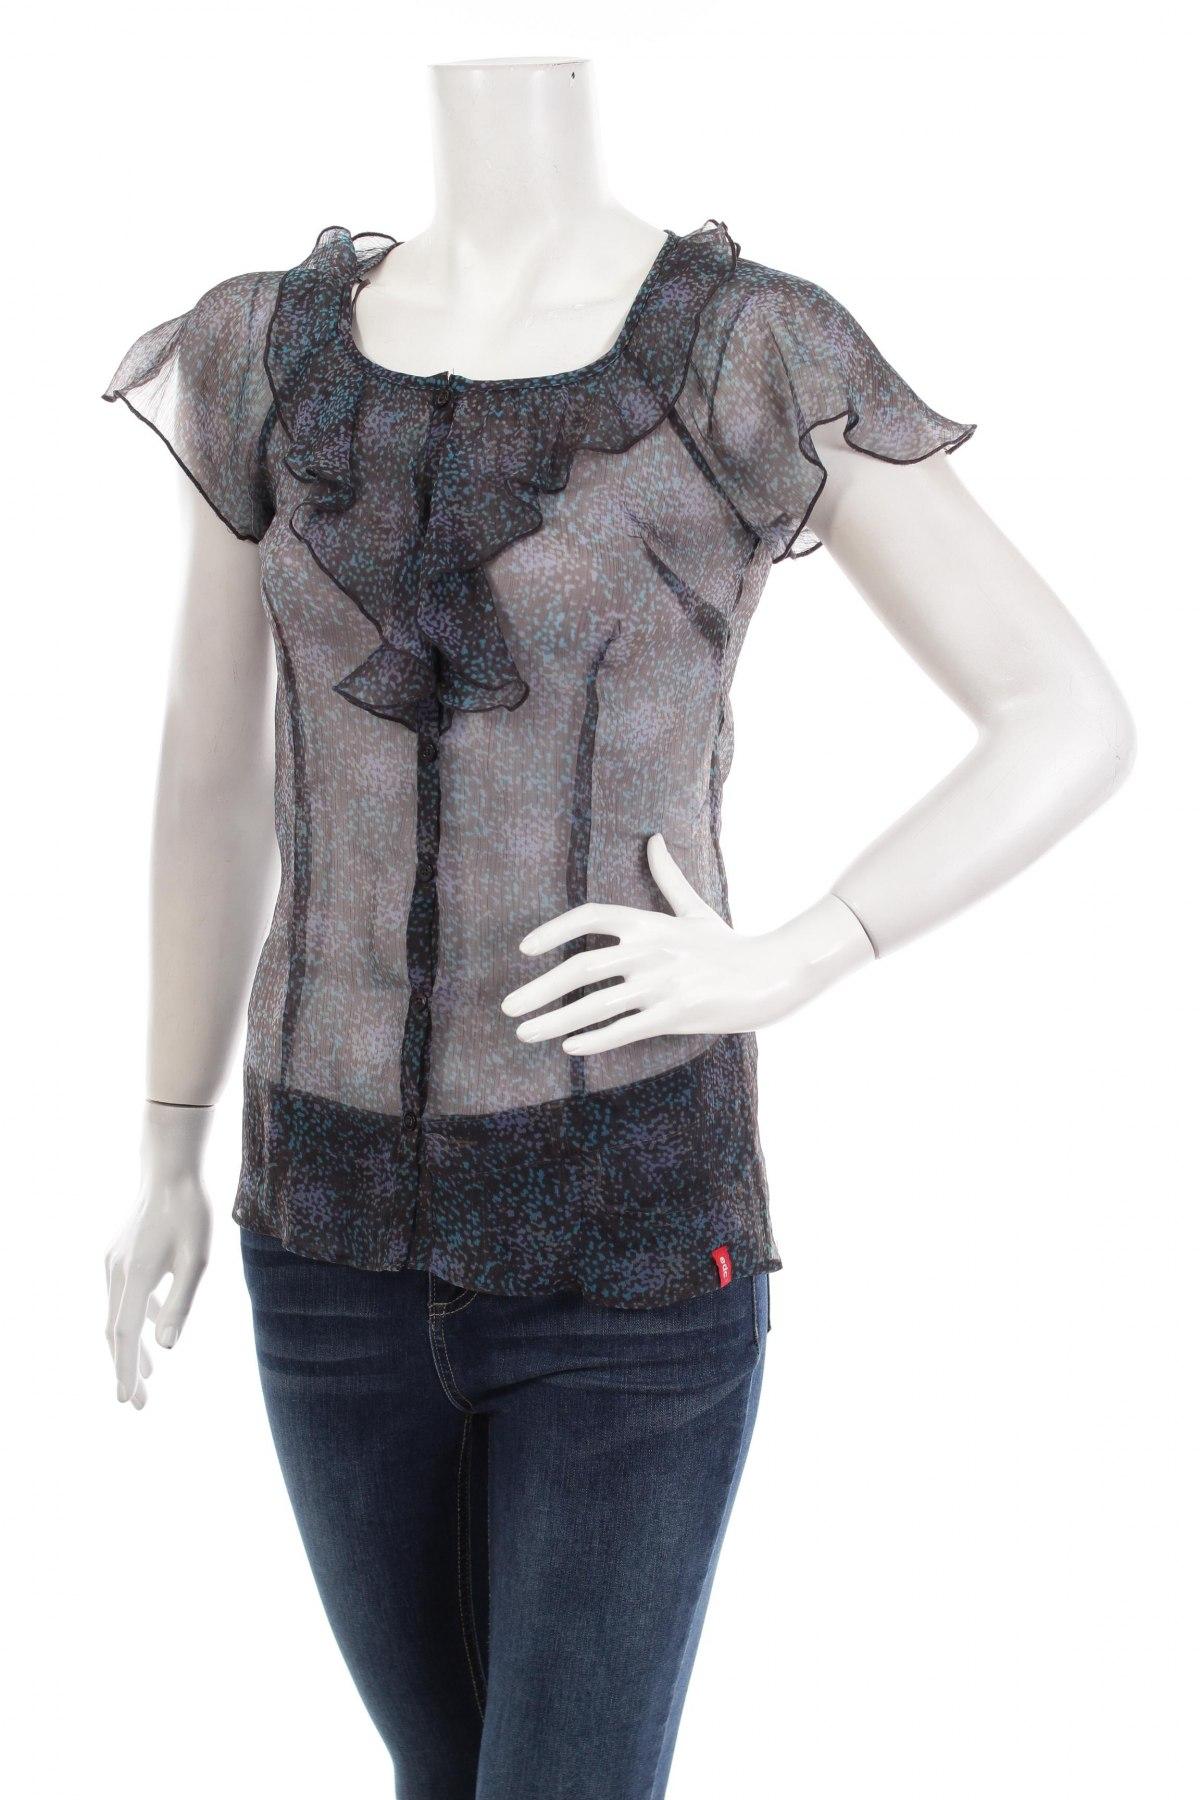 Γυναικείο πουκάμισο Edc By Esprit, Μέγεθος XS, Χρώμα Πολύχρωμο, Τιμή 11,75€